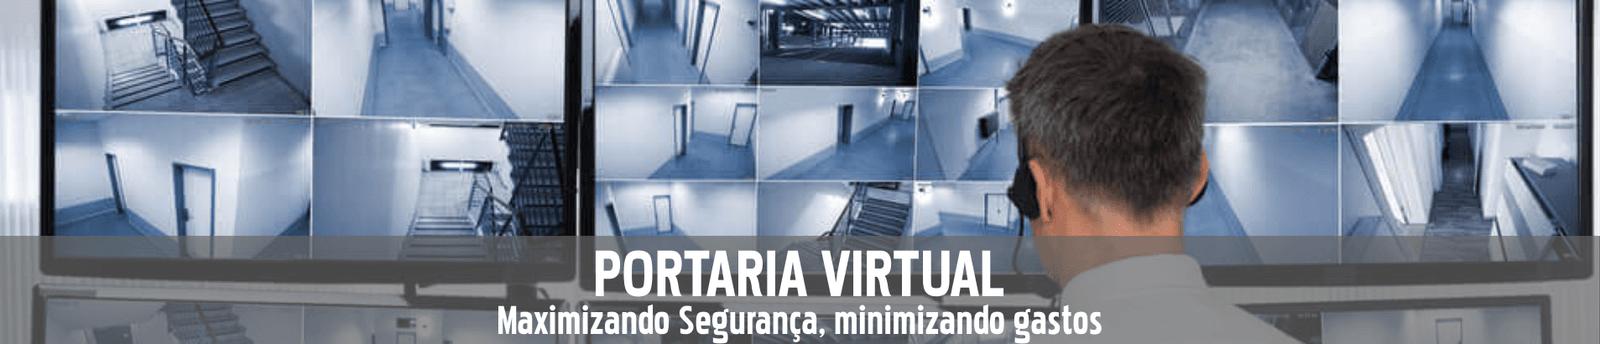 Portaria Virtual - ITA 24 Horas